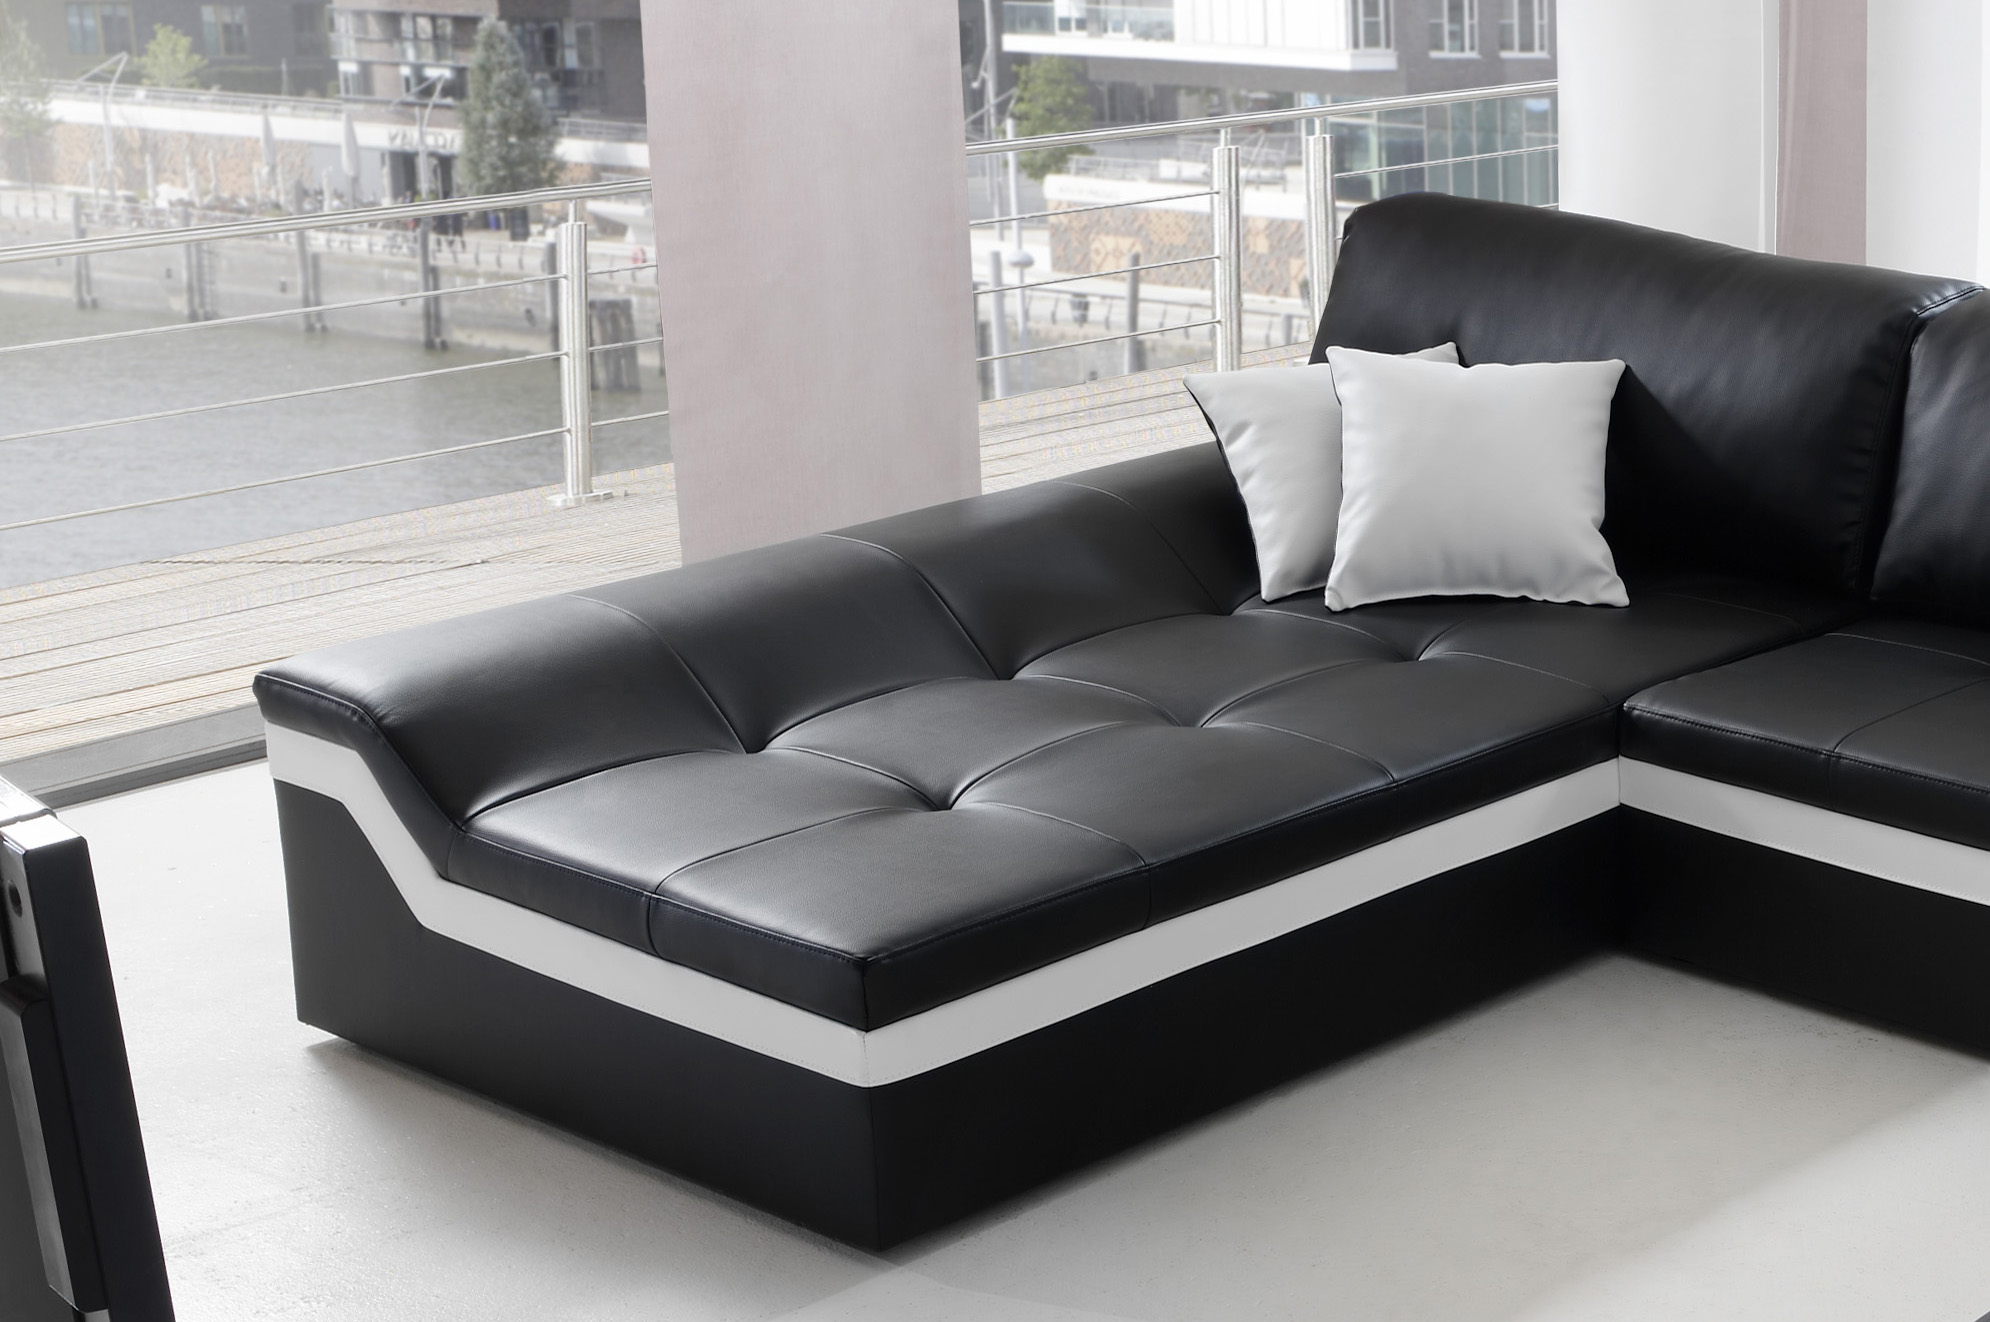 wohnlandschaft schwarz bestseller shop f r m bel und einrichtungen. Black Bedroom Furniture Sets. Home Design Ideas